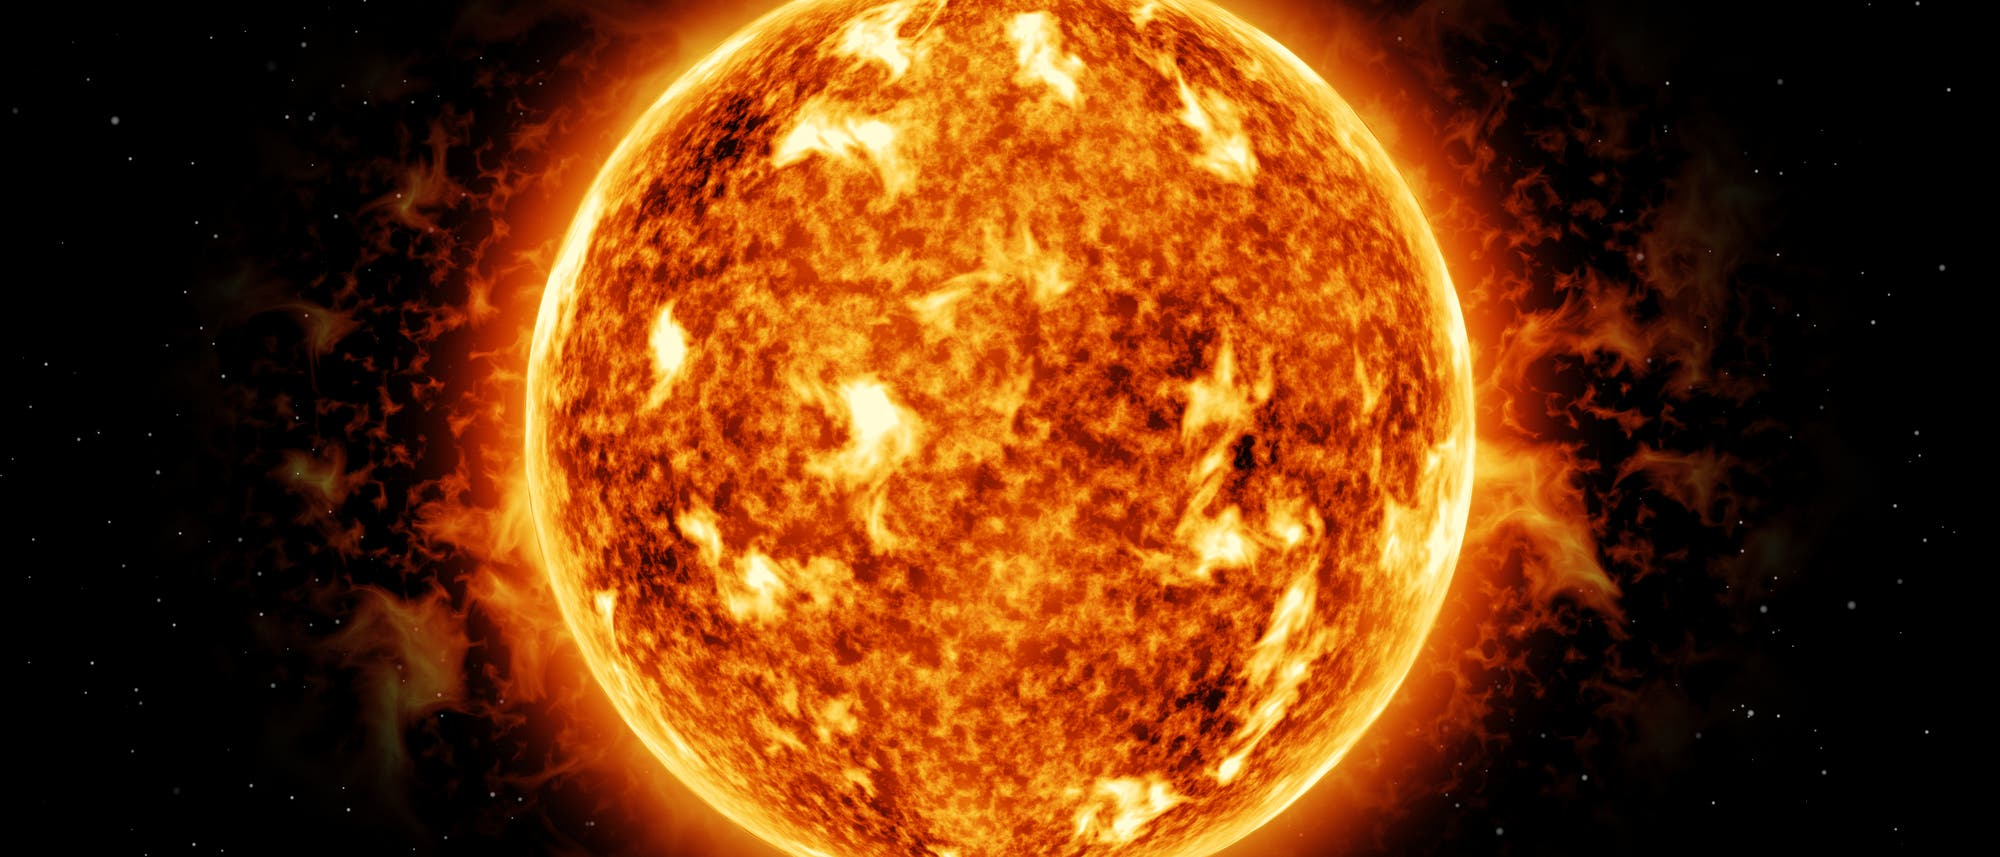 Sonne mit Flares und Sonnenflecken